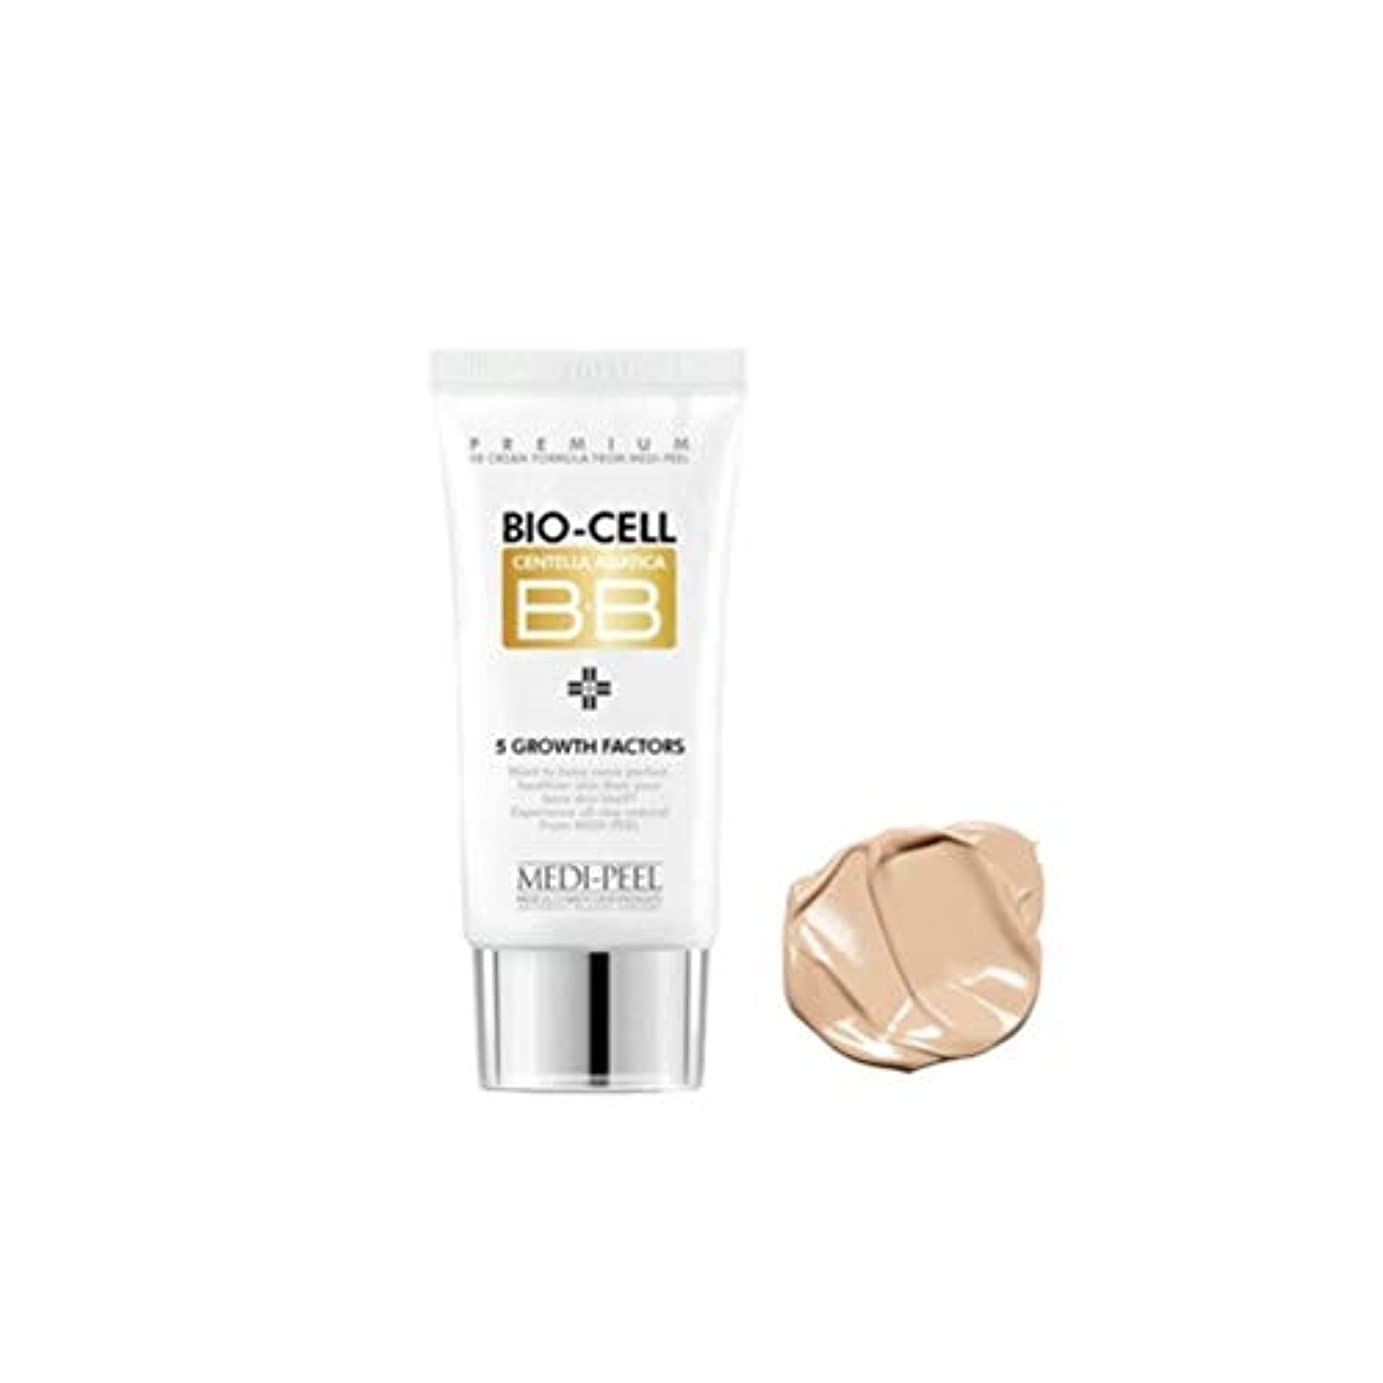 促進するペースト桁[Medi-Peel] メディピール バイオセル BBクリーム 50ml. [美.白?シワ.改善2重機能性化粧品] Medi-Peel Bio-cell BB Cream 50ml.